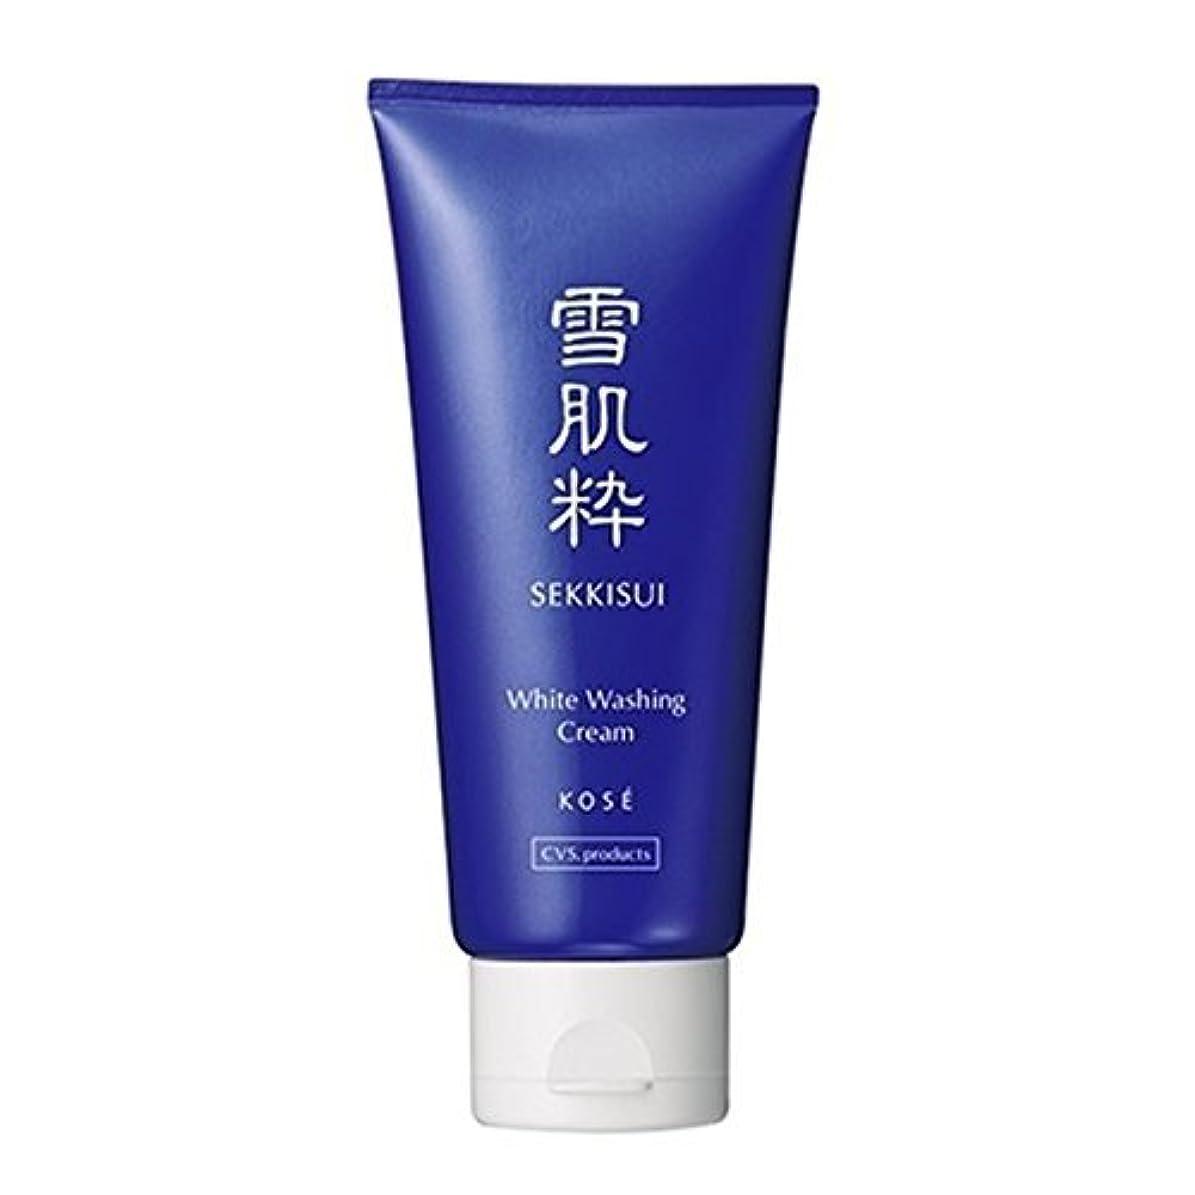 北東パーセントかすかなコーセー 雪肌粋 ホワイト洗顔クリーム Kose Sekkisui White Washing Cream 80g×3本